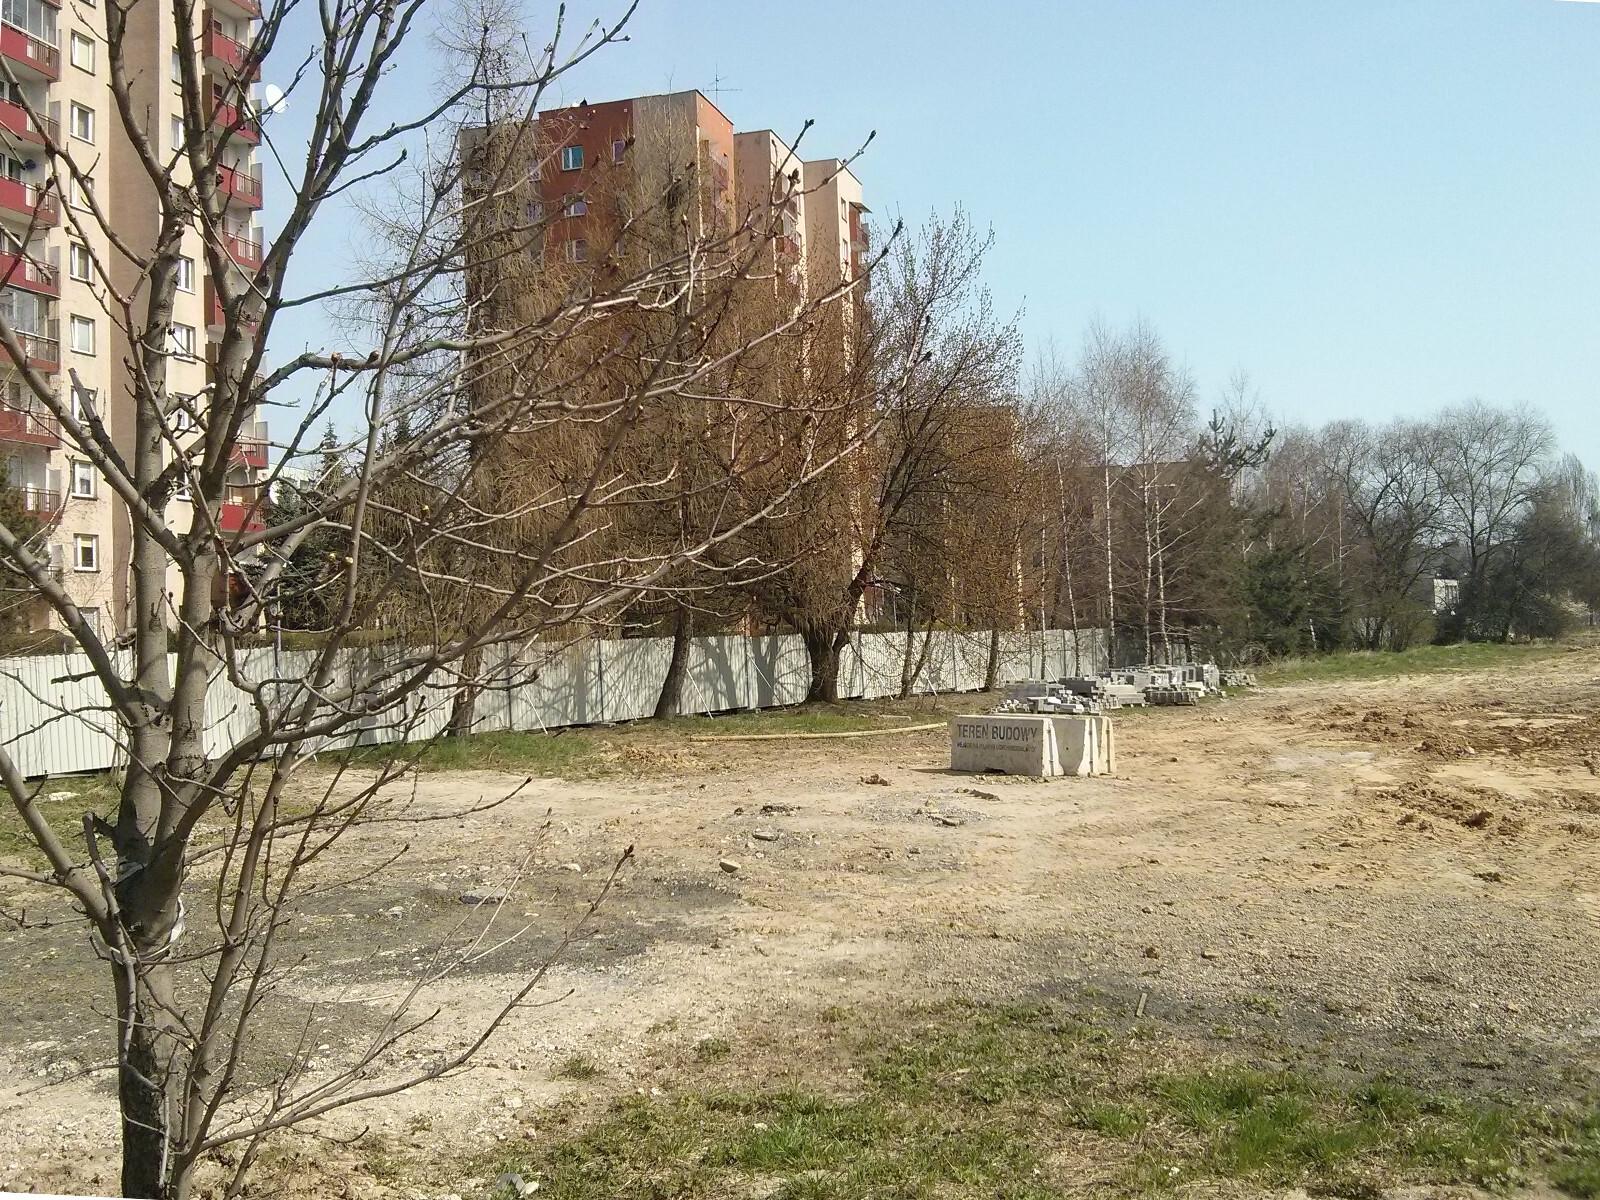 Działka Budimexu na której znajdują się drzewa, o które walczą mieszkańcy Czyżyn